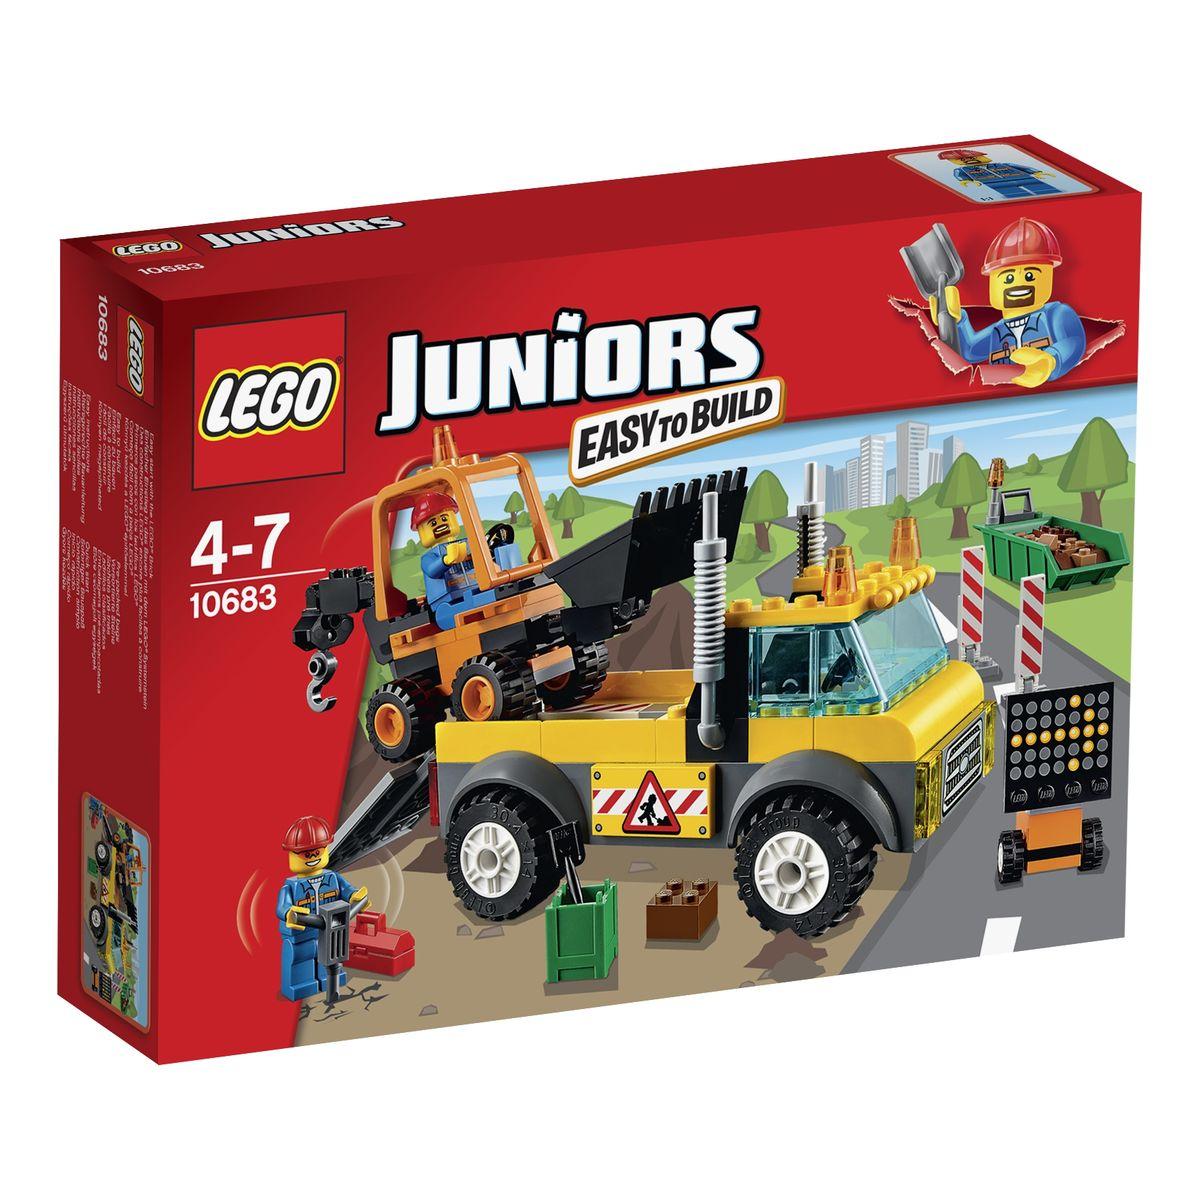 LEGO Juniors Конструктор Грузовик для дорожных работ 1068310683Чтобы отремонтировать дорожное полотно, необходимо разровнять грунт и вывести лишние камни. С этой задачей справится мощный грузовик из набора LEGO 10683. Его корпус выполнен из контрастных желто-серых деталей с добавлением наклеек, предупреждающий о ремонтных работах. Спереди видна кабина водителя, оборудованная противотуманными фарами, радиаторной решеткой и сигнальными огнями. За кабиной располагается грузовая платформа с откидным пандусом. Благодаря утяжеленной подвеске на ней можно перевозить крупногабаритные грузы, например экскаватор. Экскаватор, привезенный грузовиком, тоже готов выполнить множество строительных работ. С помощью подвижного ковша он может разравнивать землю и выгружать лишний грунт в мусорный контейнер. Когда контейнер наполняется, экскаватор зацепляет его своим подвижным крюком и увозит со строительной площадки. Также в наборе вы найдете 2 мини фигурки рабочих и множество аксессуаров для реалистичной игры: 2 каски, лопата, отбойный молоток, кейс для...